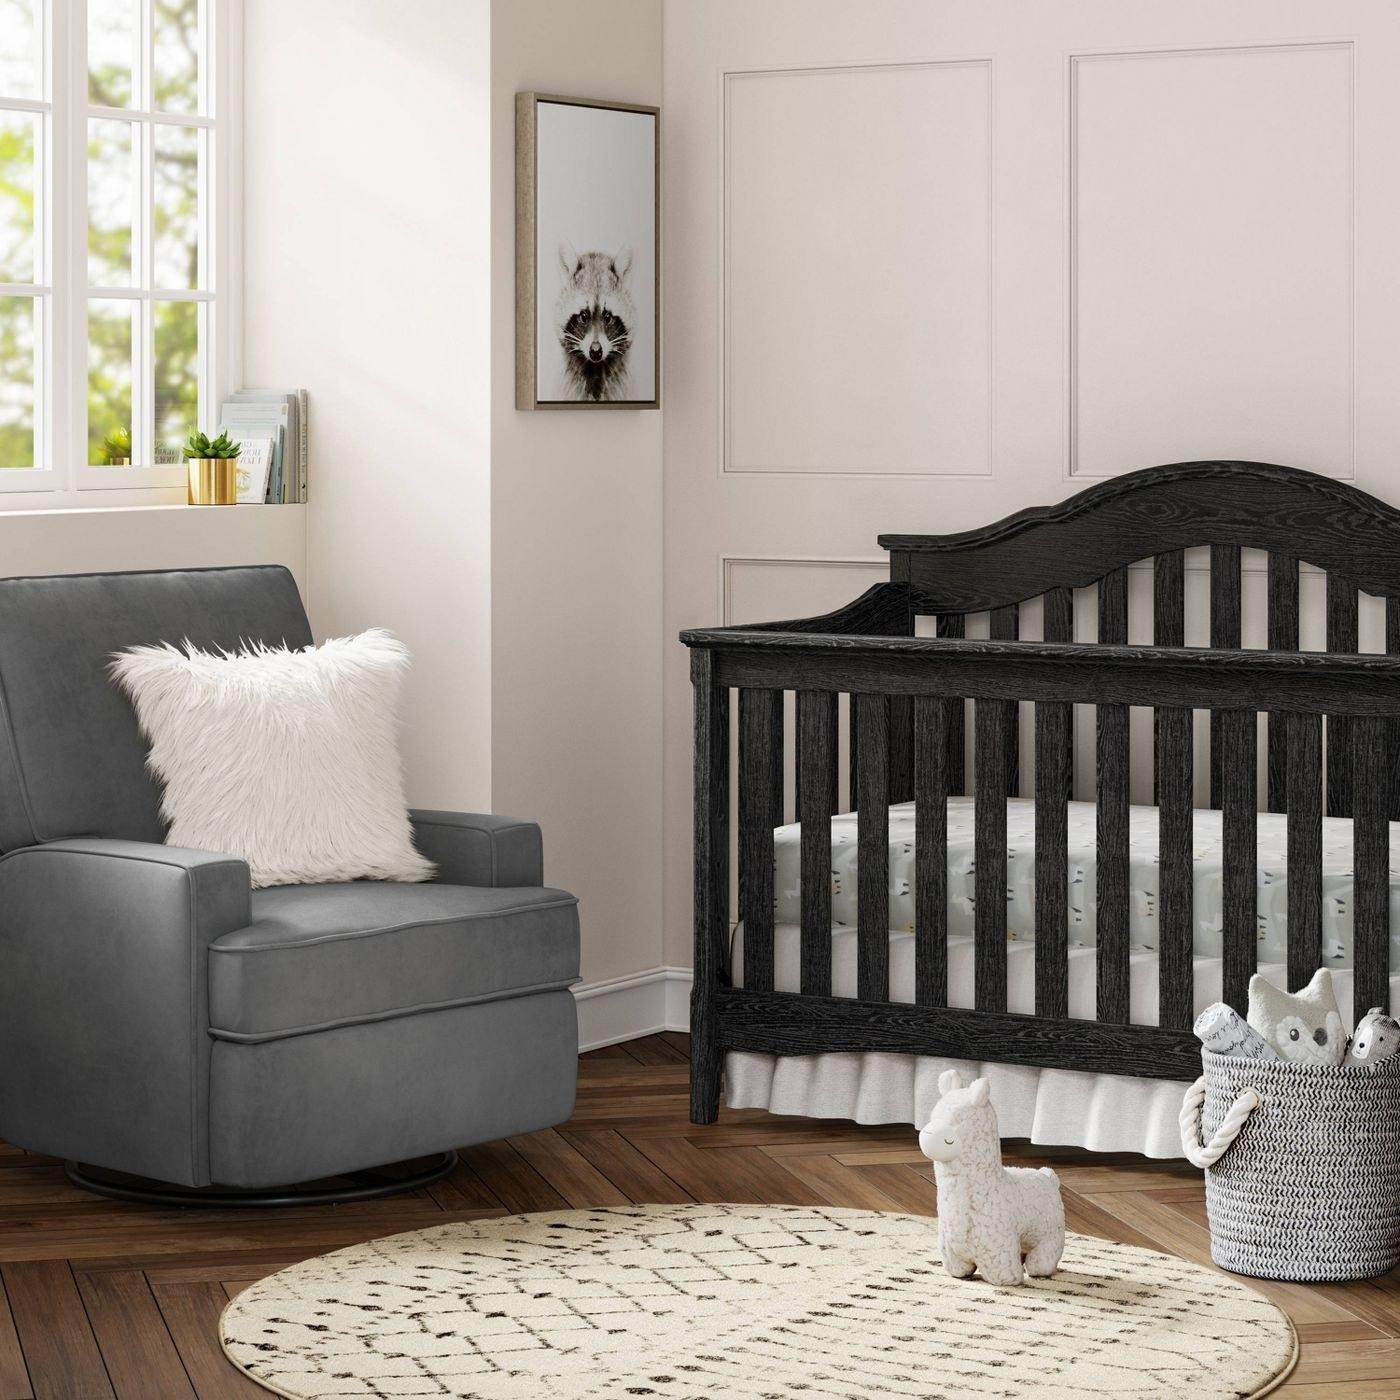 A grey chair in a nursery